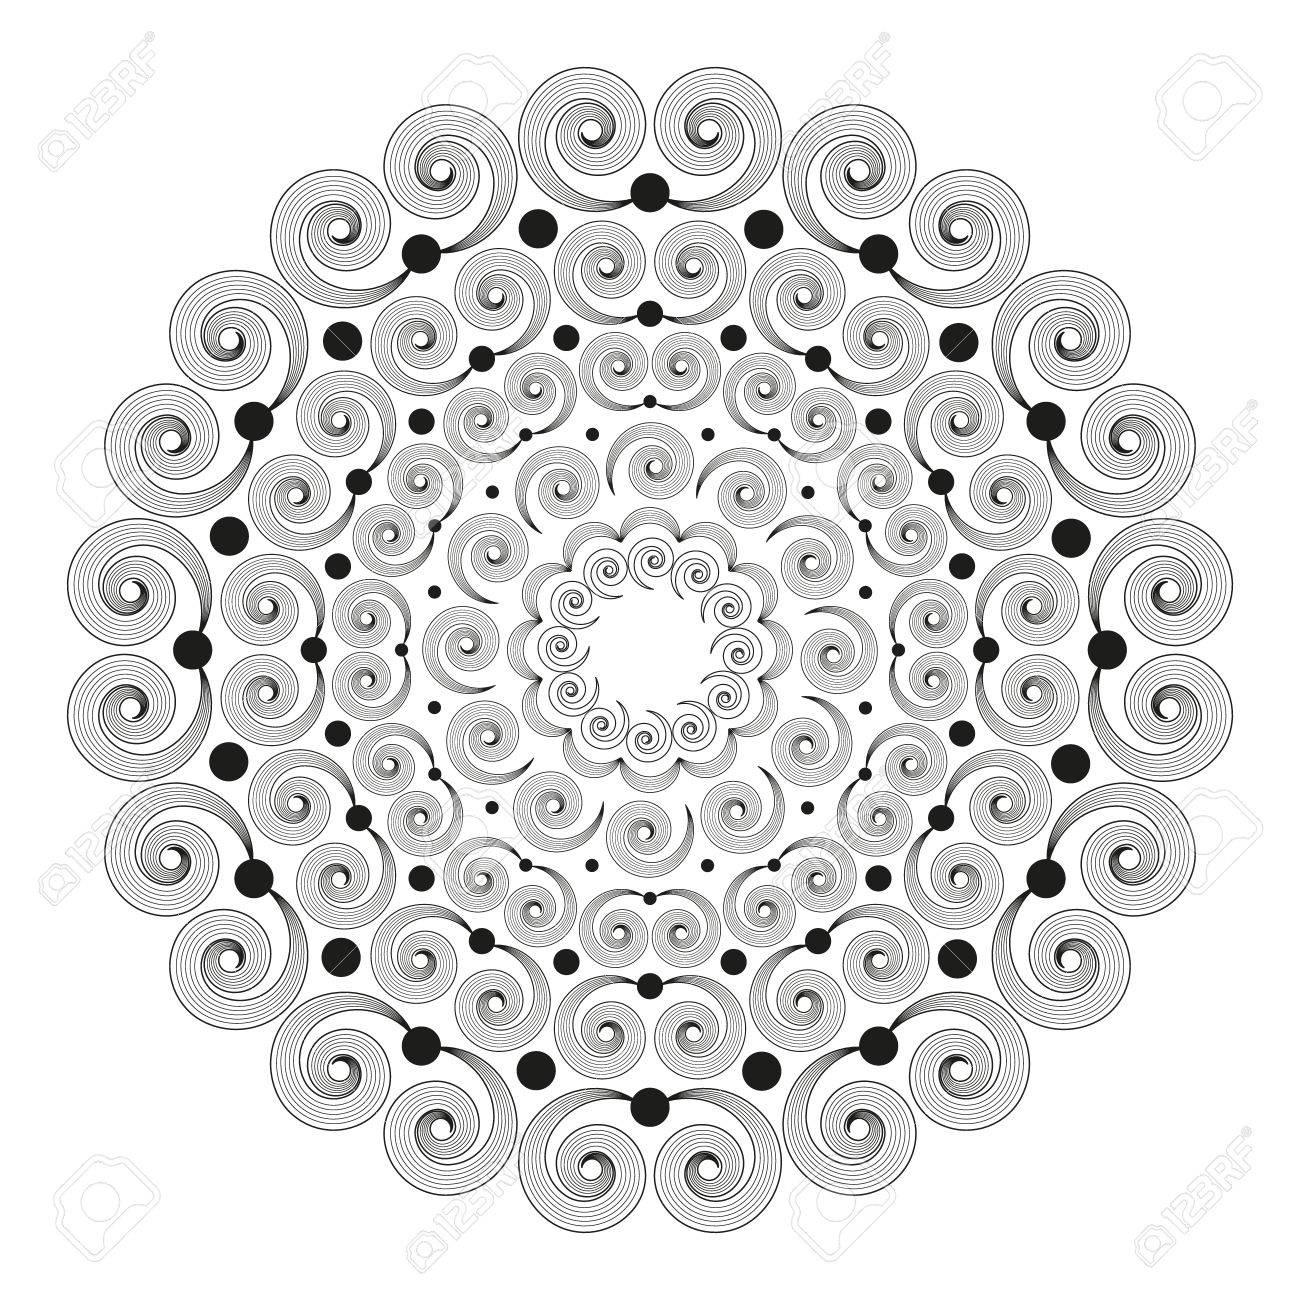 Coloriage Adulte Spirale.Mandala Rond Noir Et Blanc A Spirales A Rayures Page De Coloriage